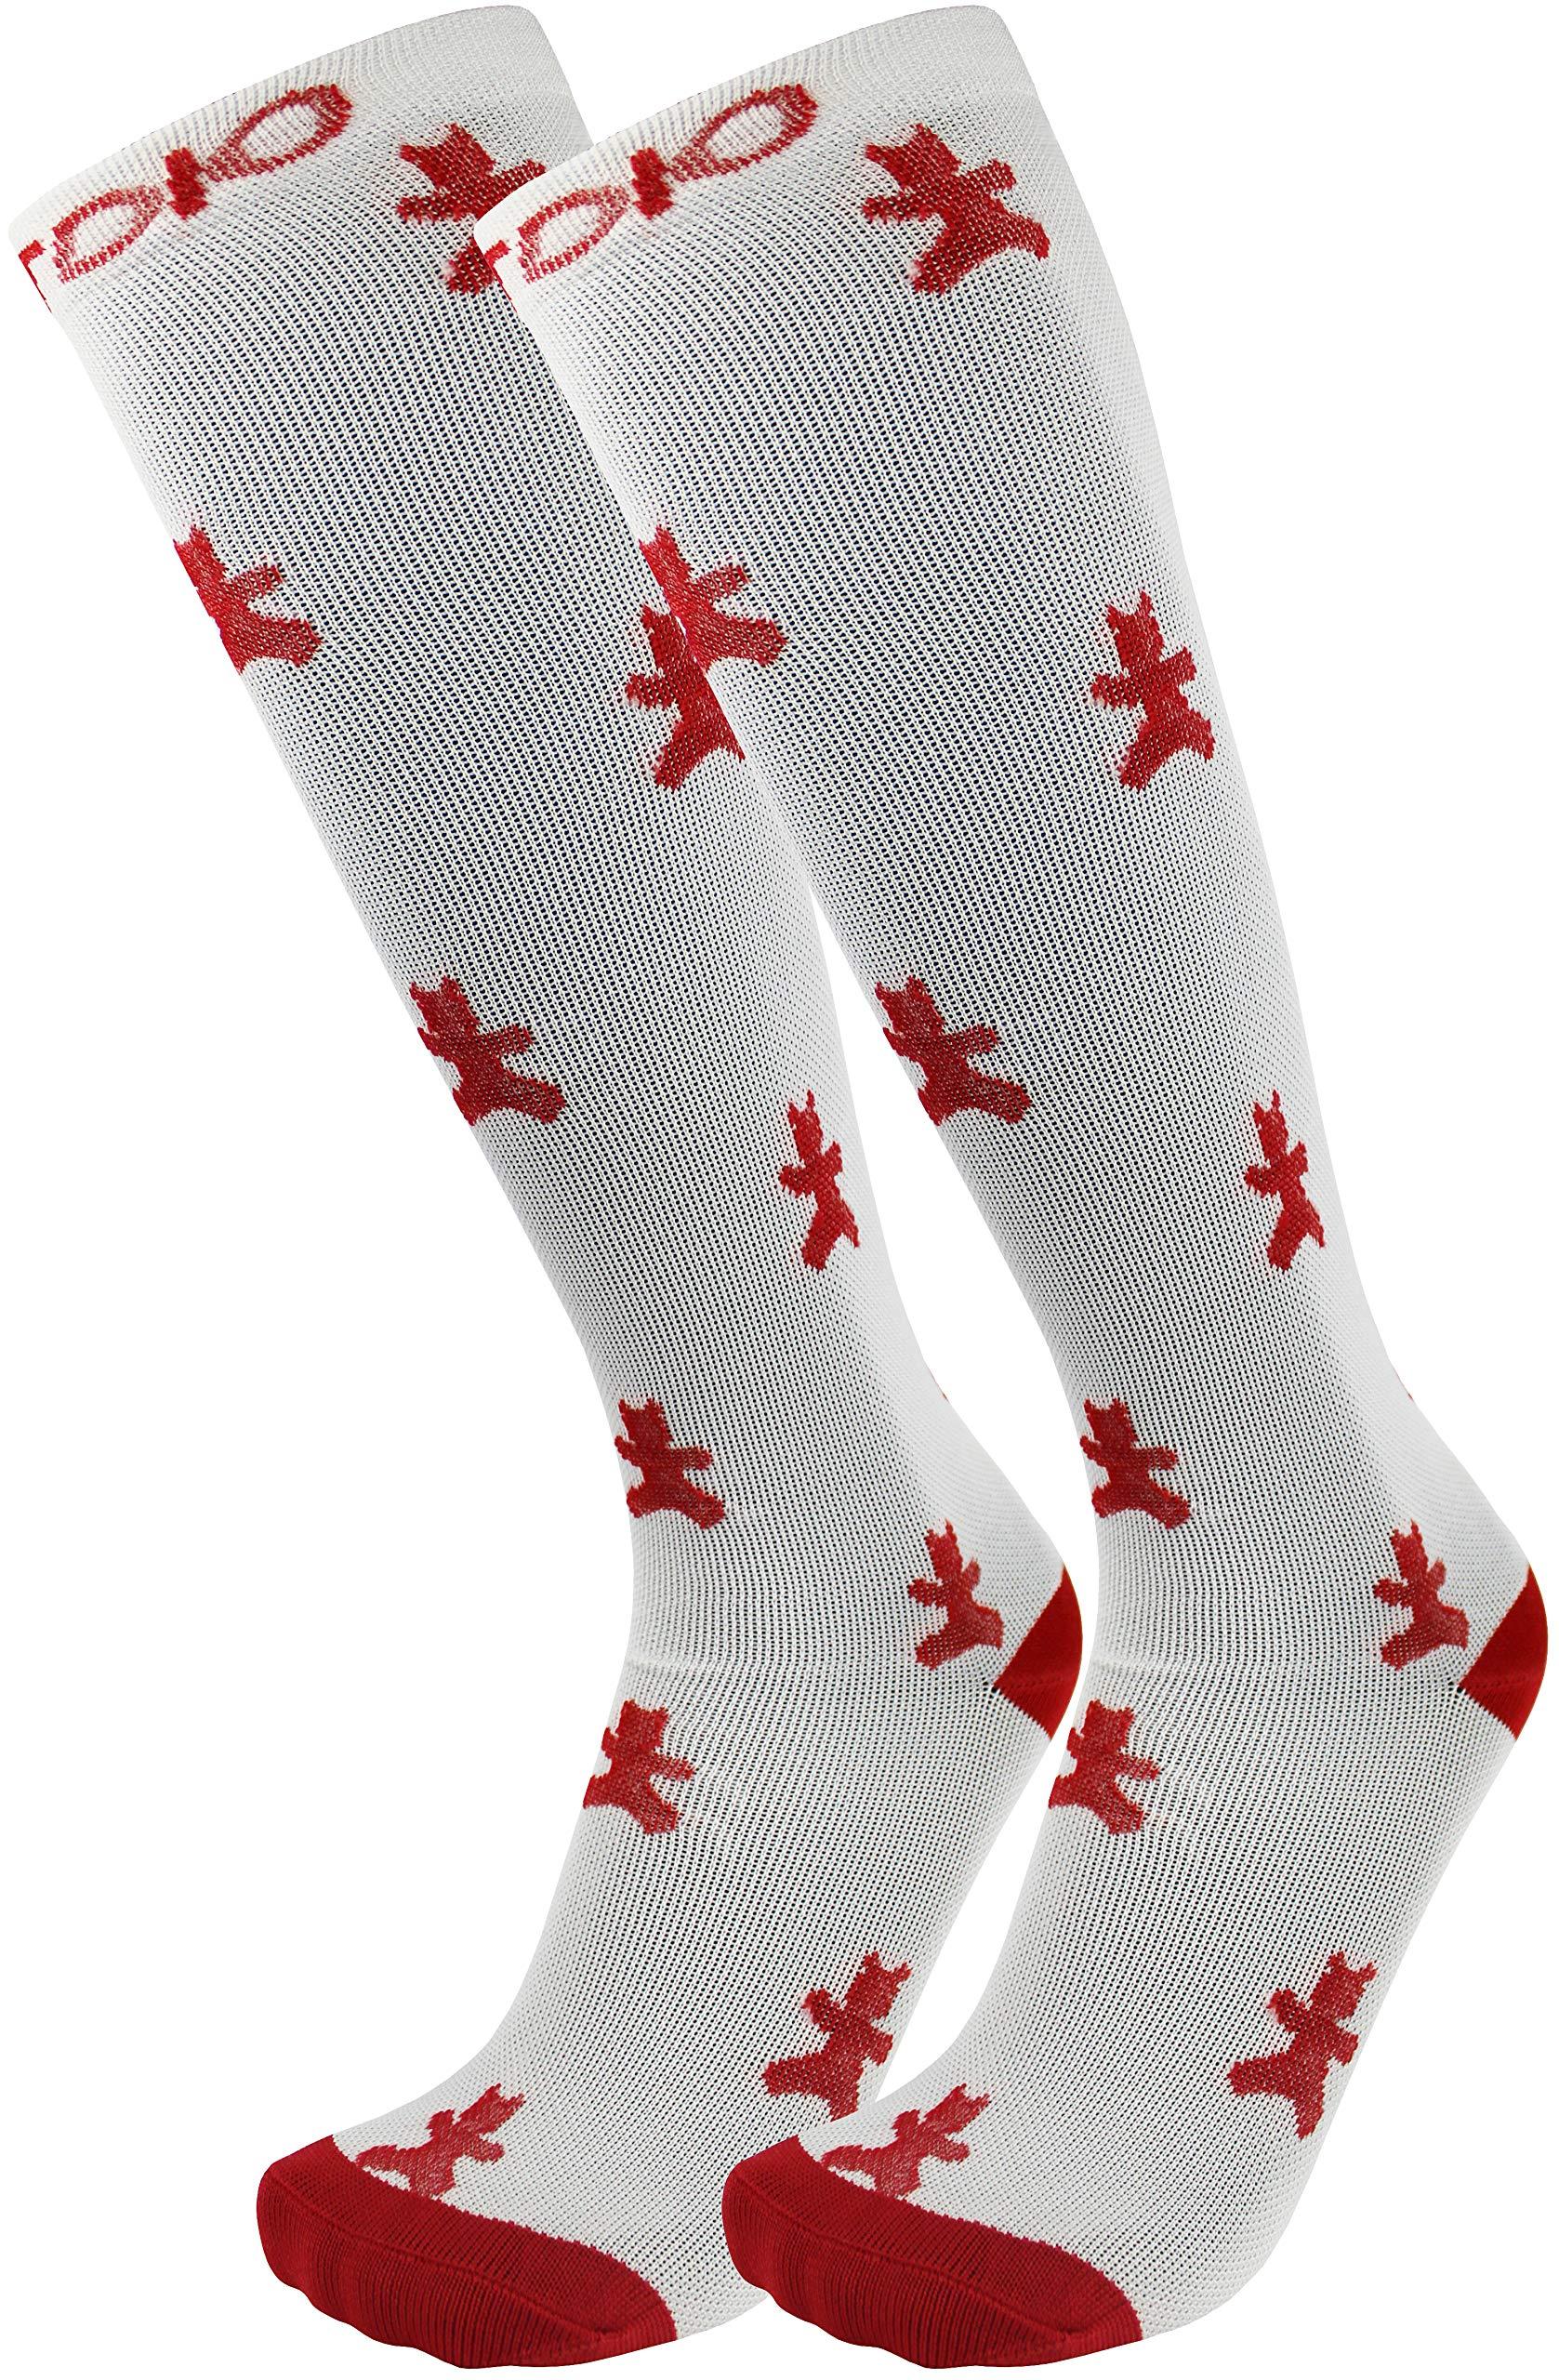 渐进式 15-20mmHG 白色和红色及膝高软糖熊压力袜男女皆宜